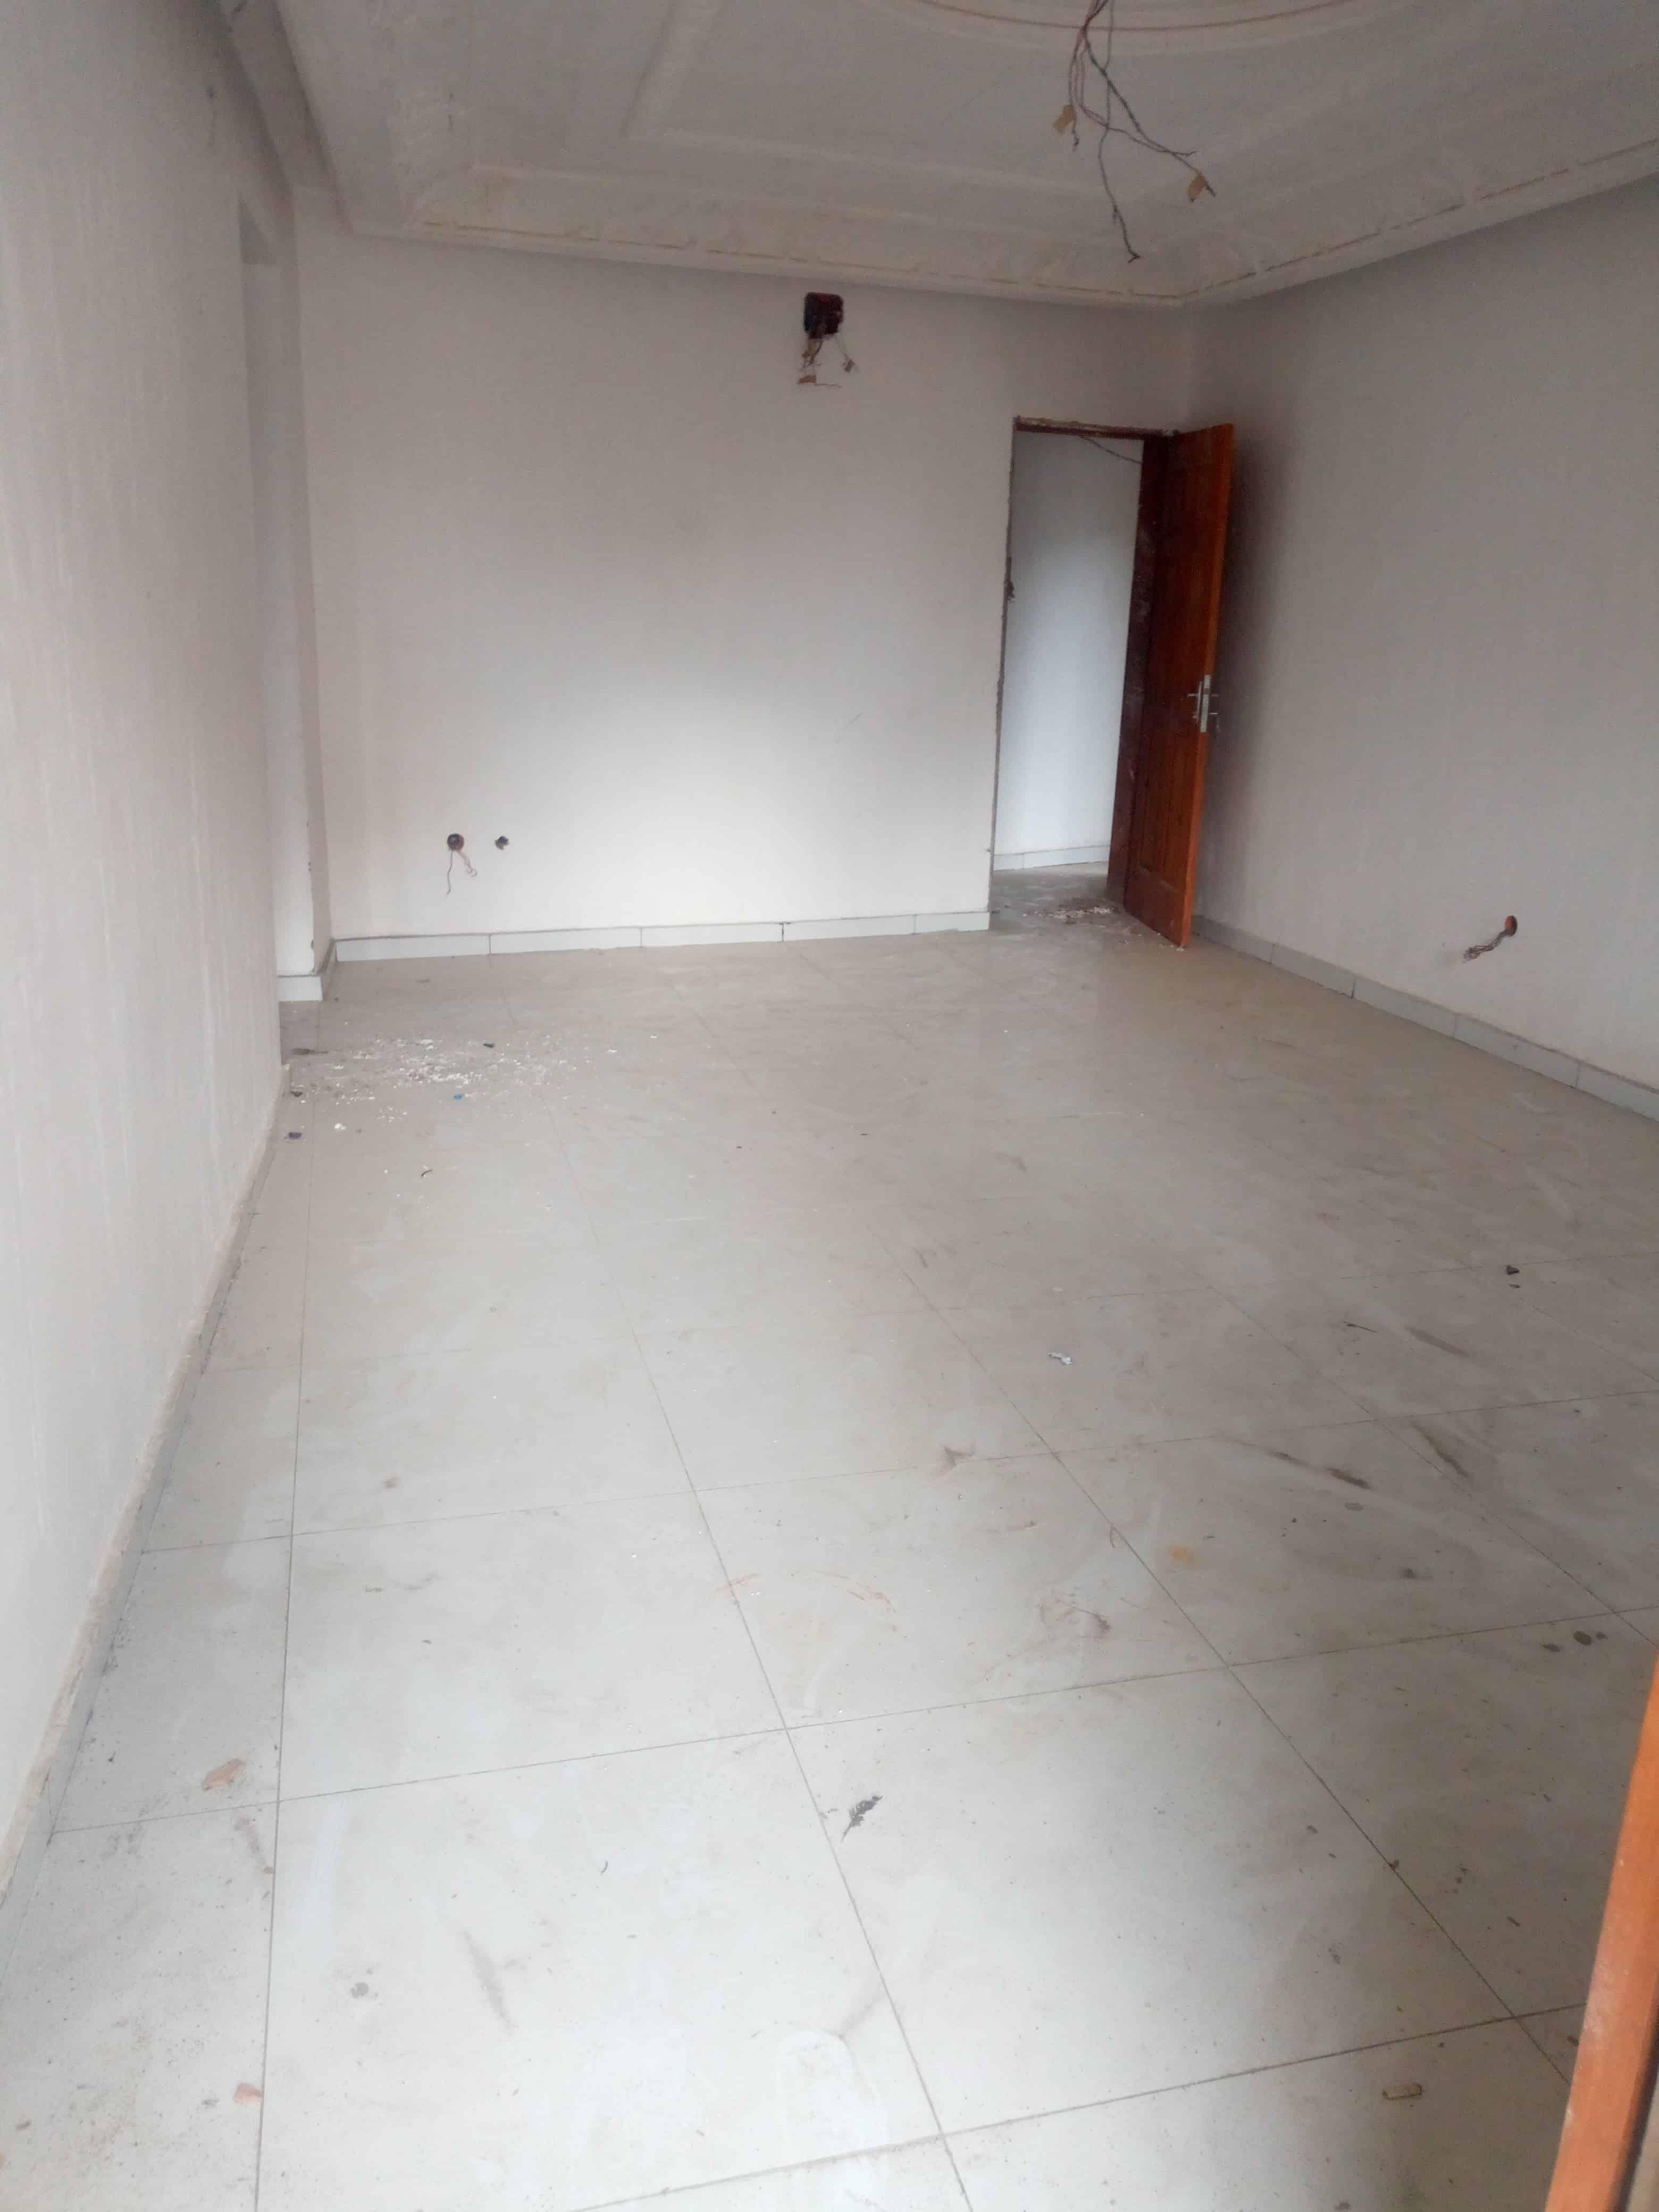 Appartement à louer - Douala, Makepe, Rond pauleng - 1 salon(s), 2 chambre(s), 2 salle(s) de bains - 130 000 FCFA / mois